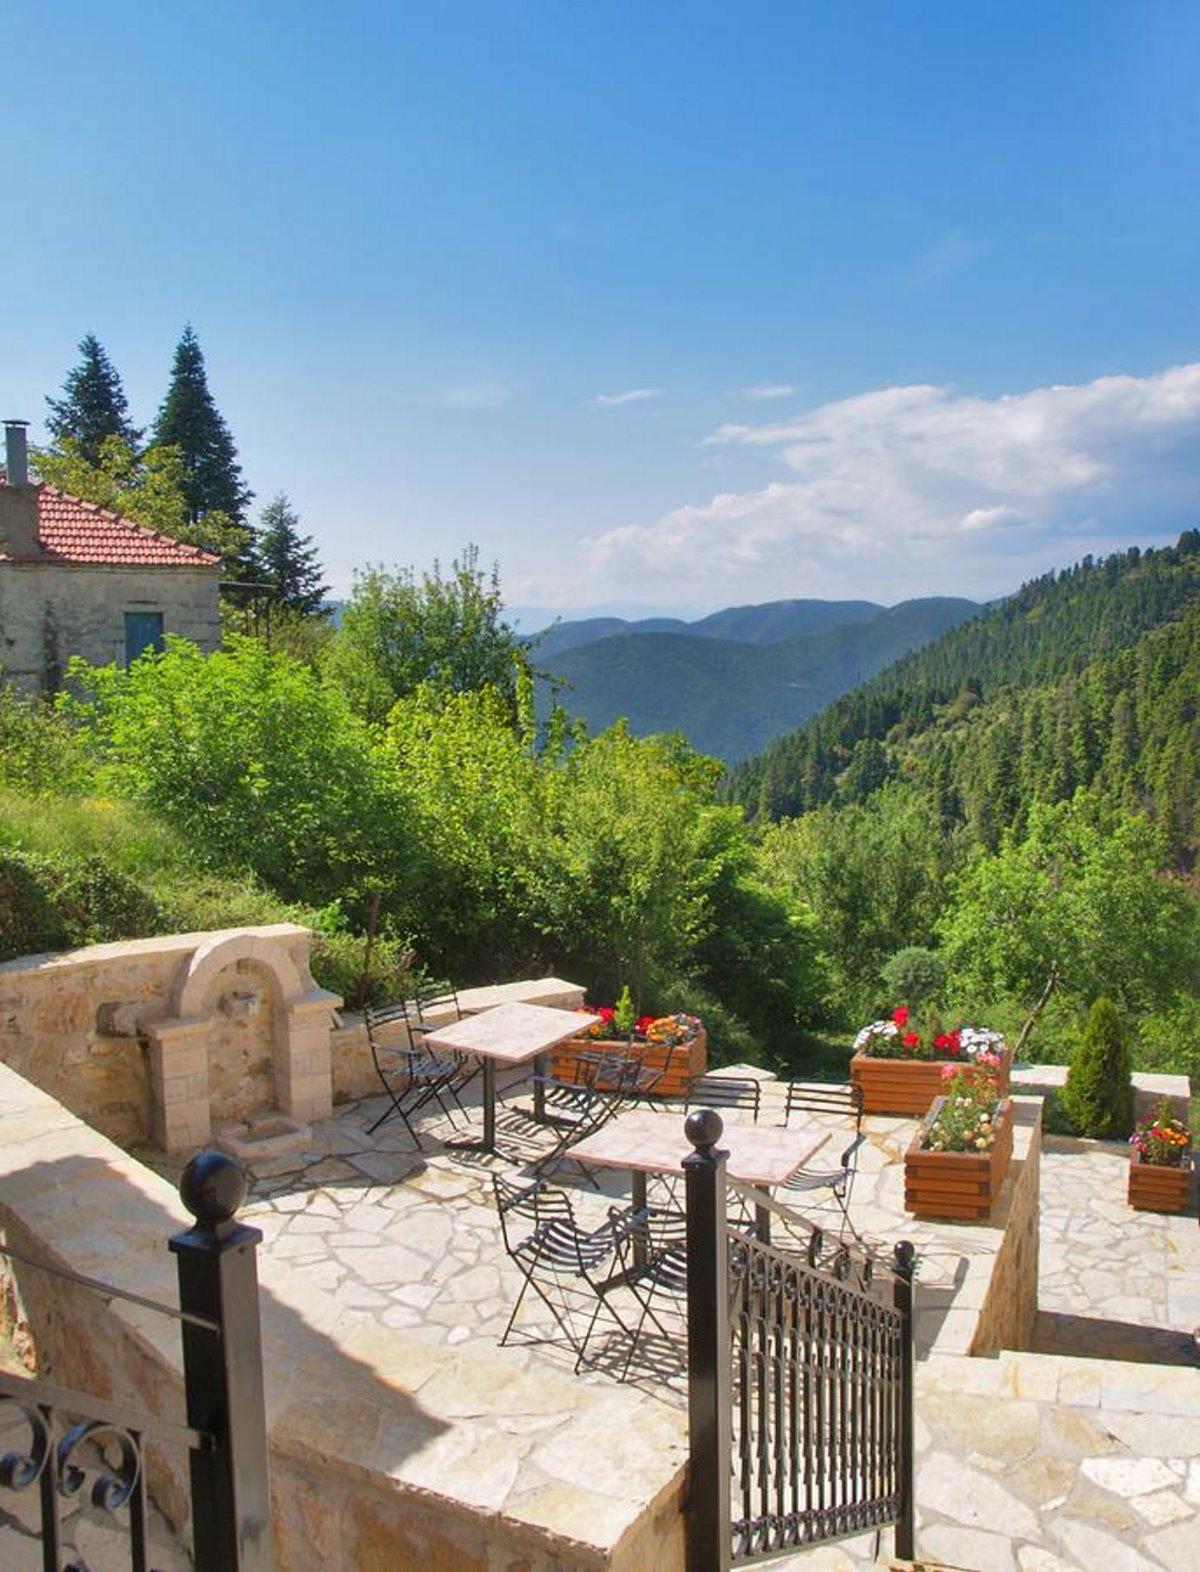 Ο ξενώνας Οιχαλία στο Χωριό Φιδάκια Ευρυτανίας στο μπαλκόνι με θέα